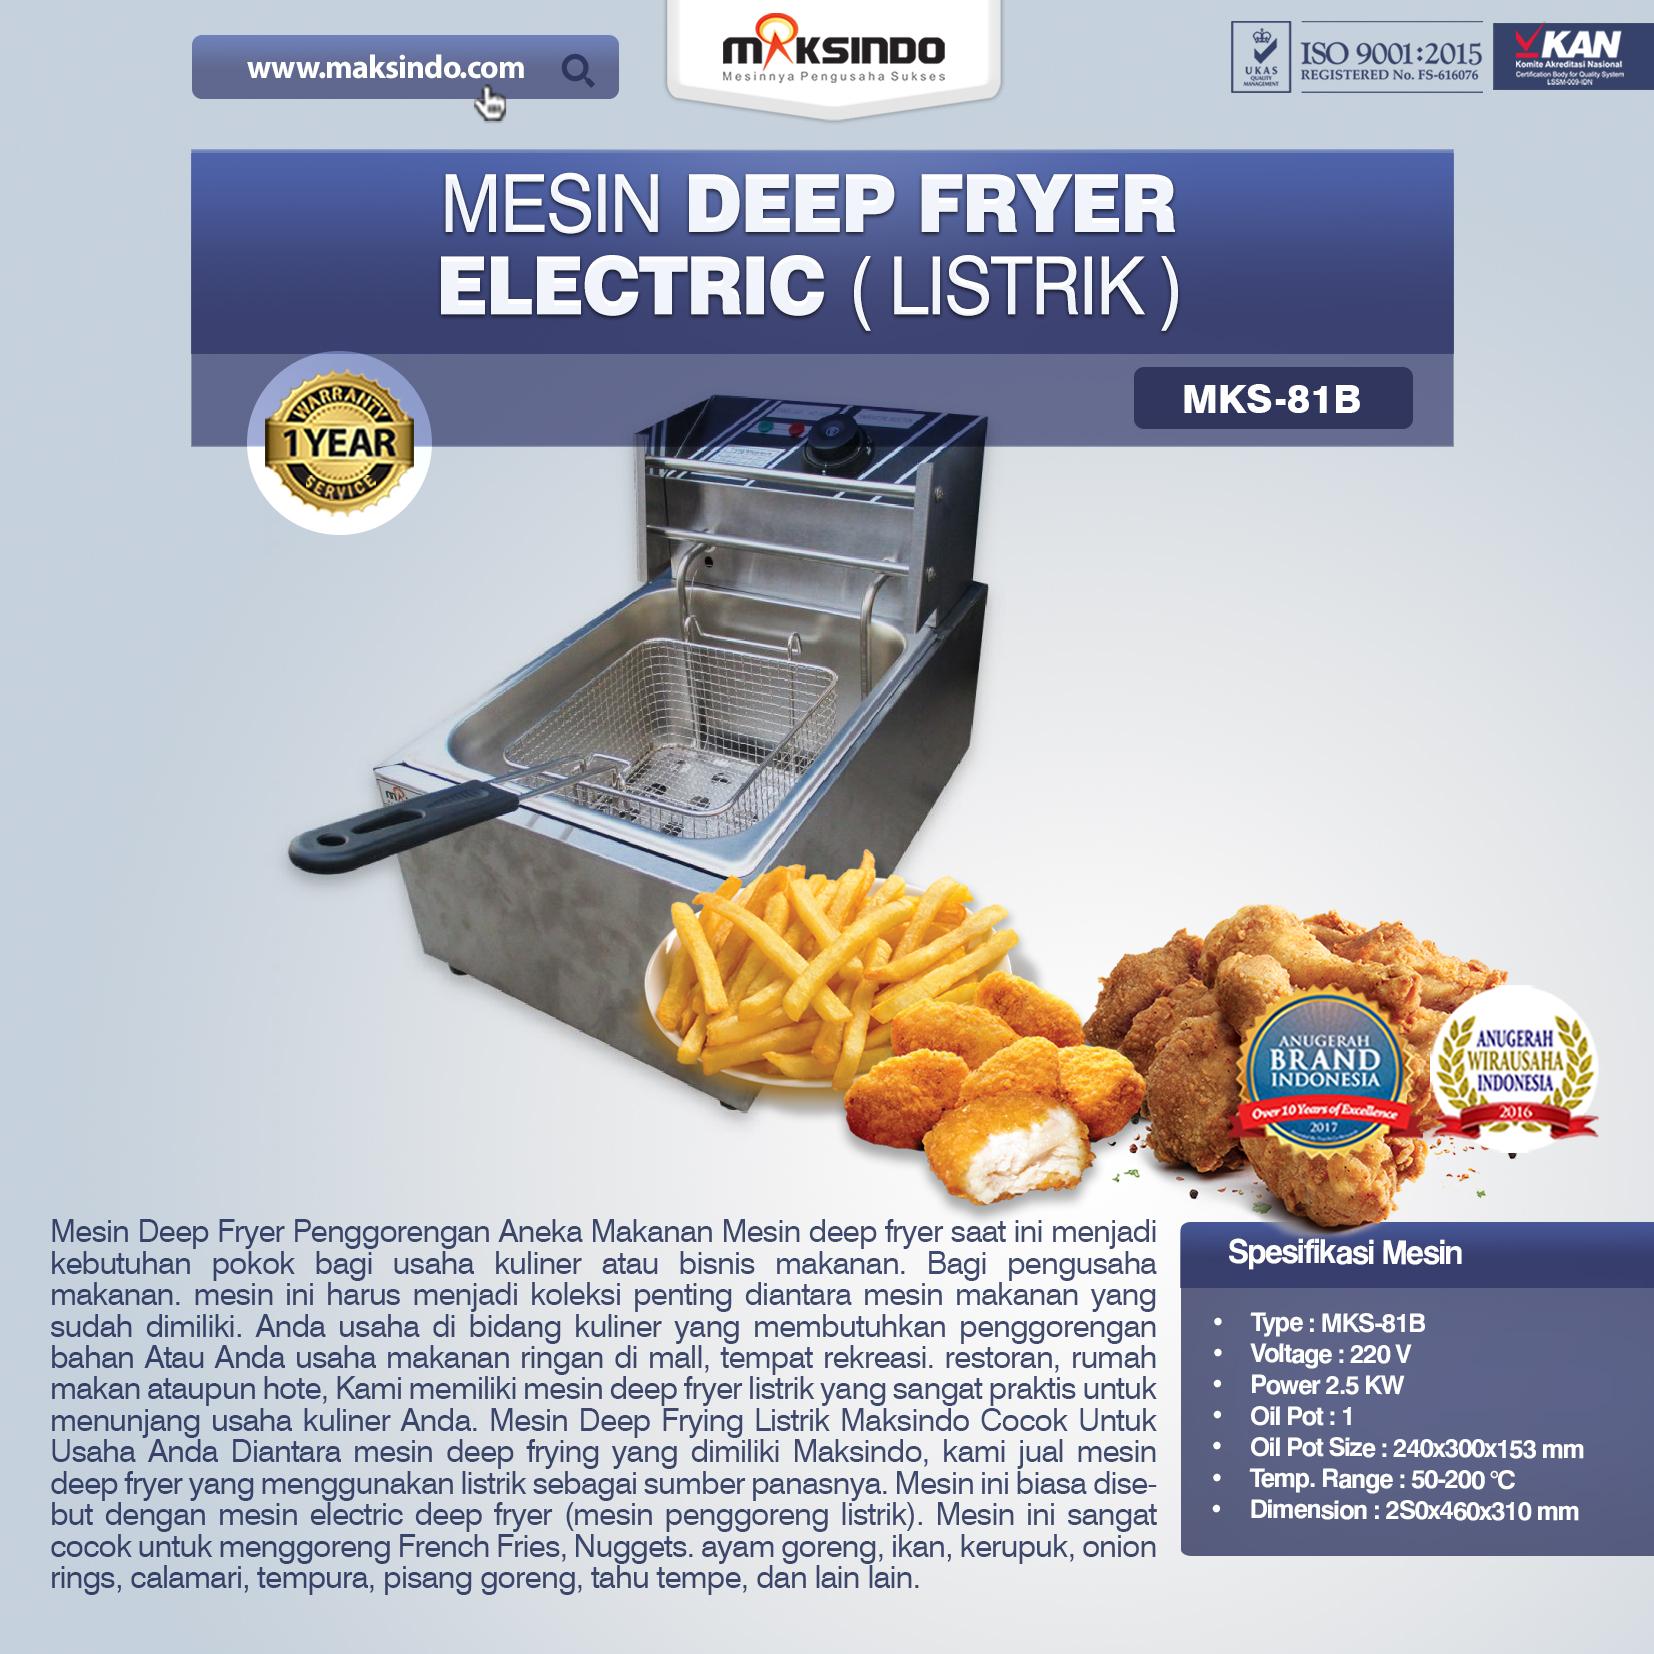 Jual Mesin Deep Fryer Listrik MKS-81B di Bekasi